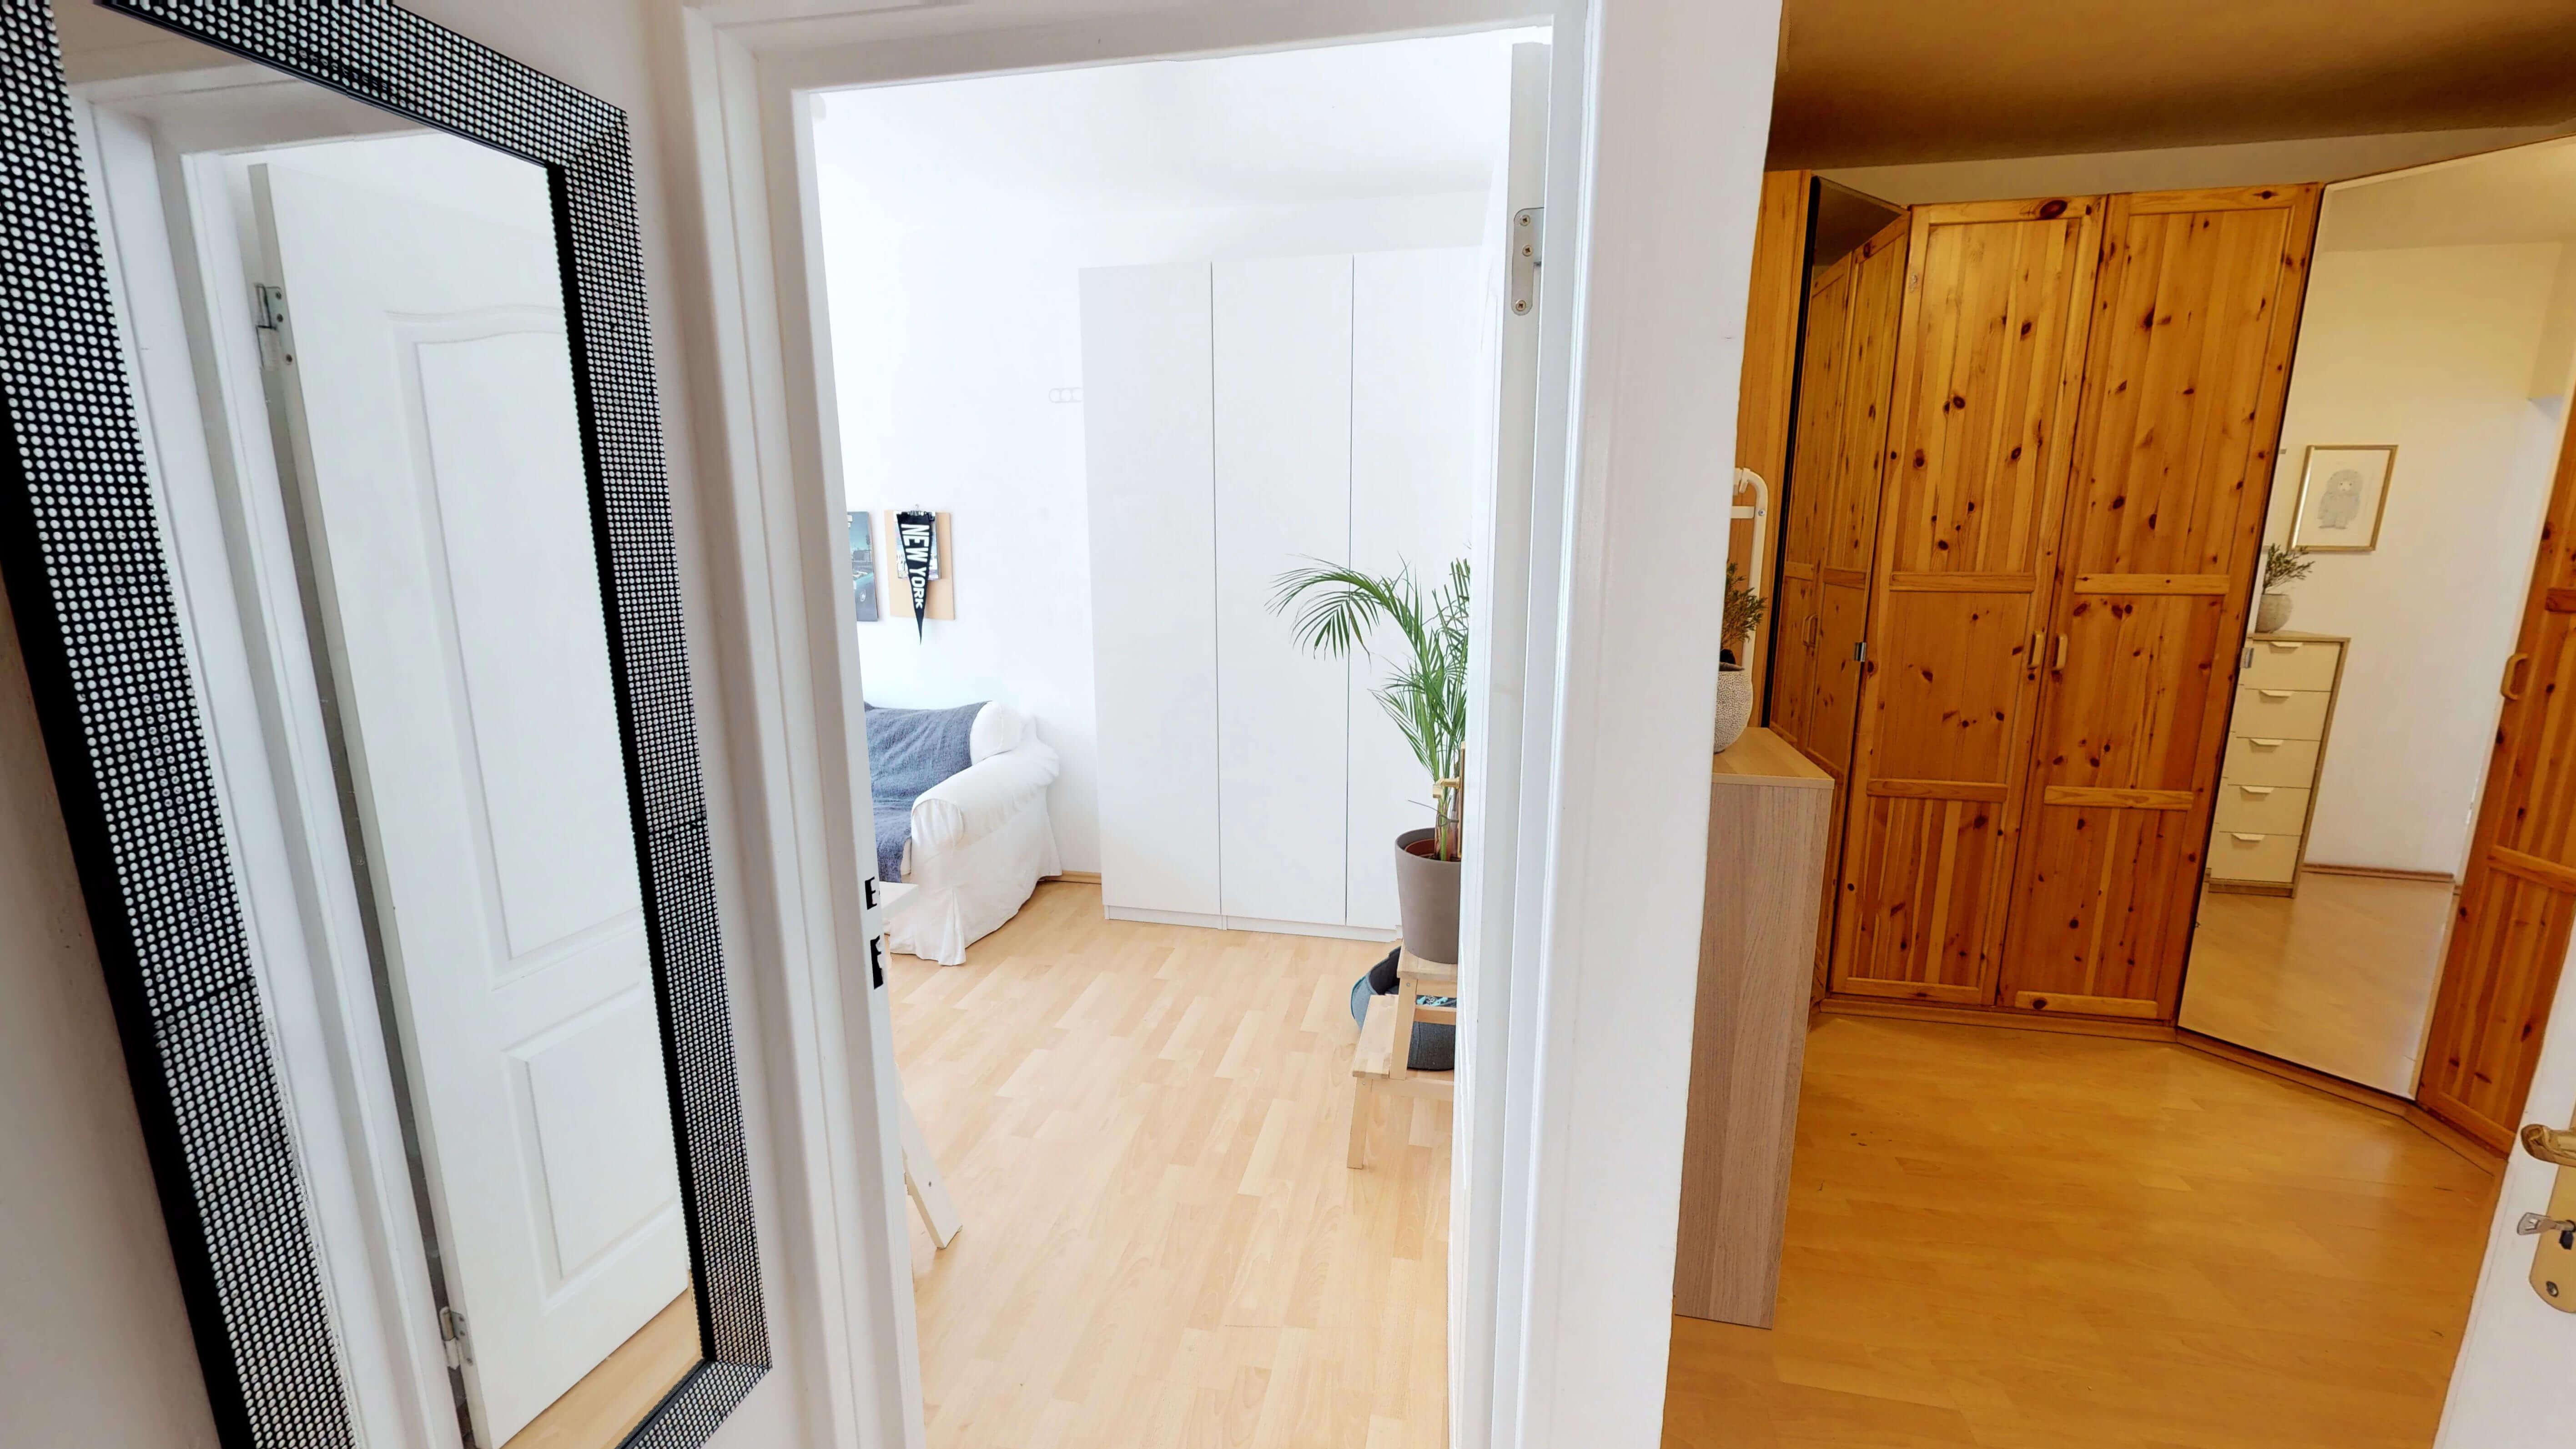 Predané Predaj exkluzívneho 3 izb. bytu,v Ružinove, ulica Palkovičová, blízko Trhoviska Miletičky v Bratislave, 68m2, kompletne zariadený-31